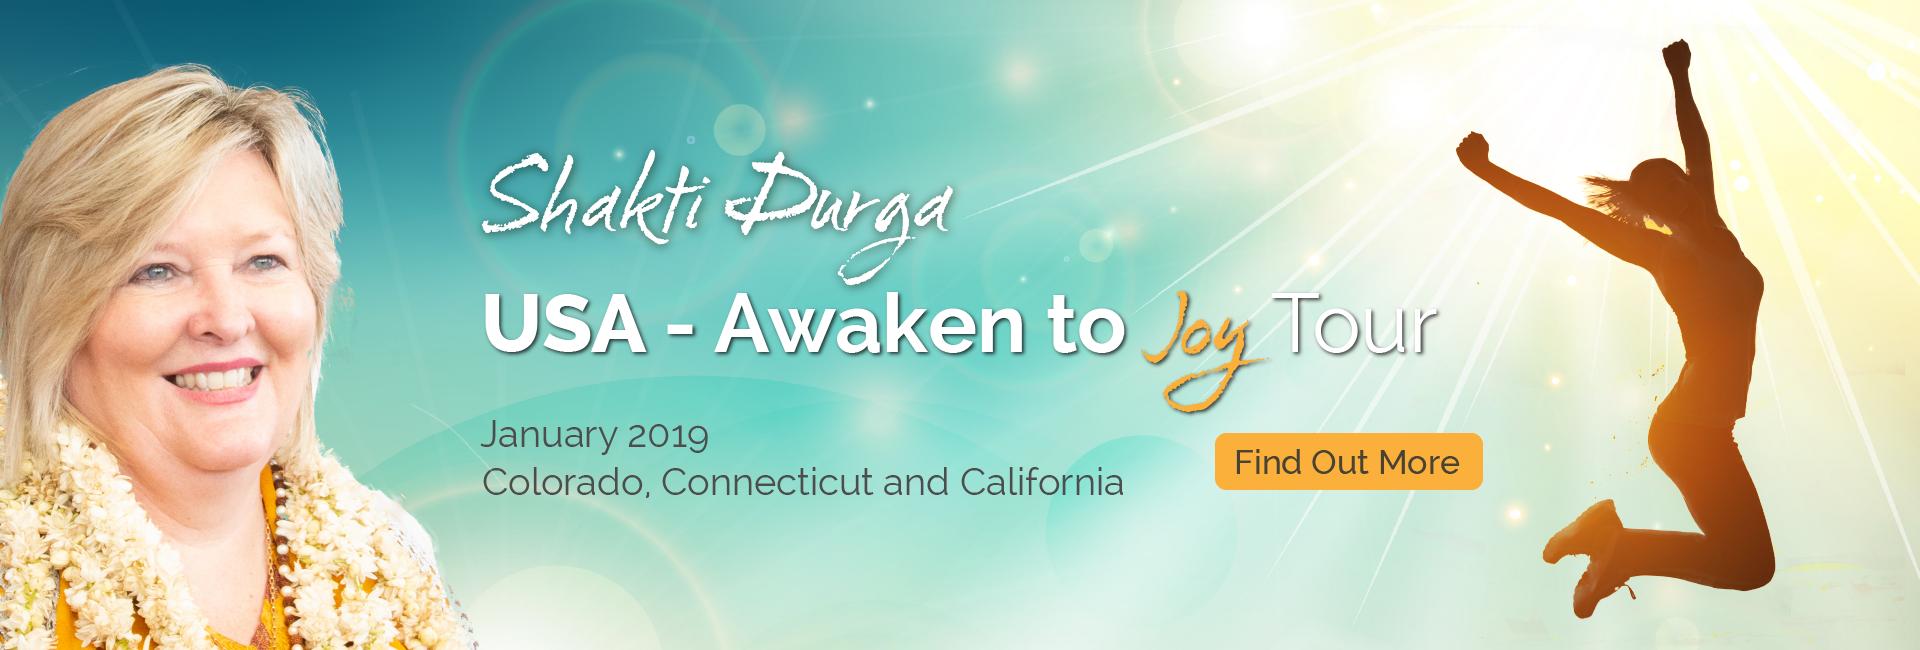 Shanti Mission America 2019 Shakti Durga Tour